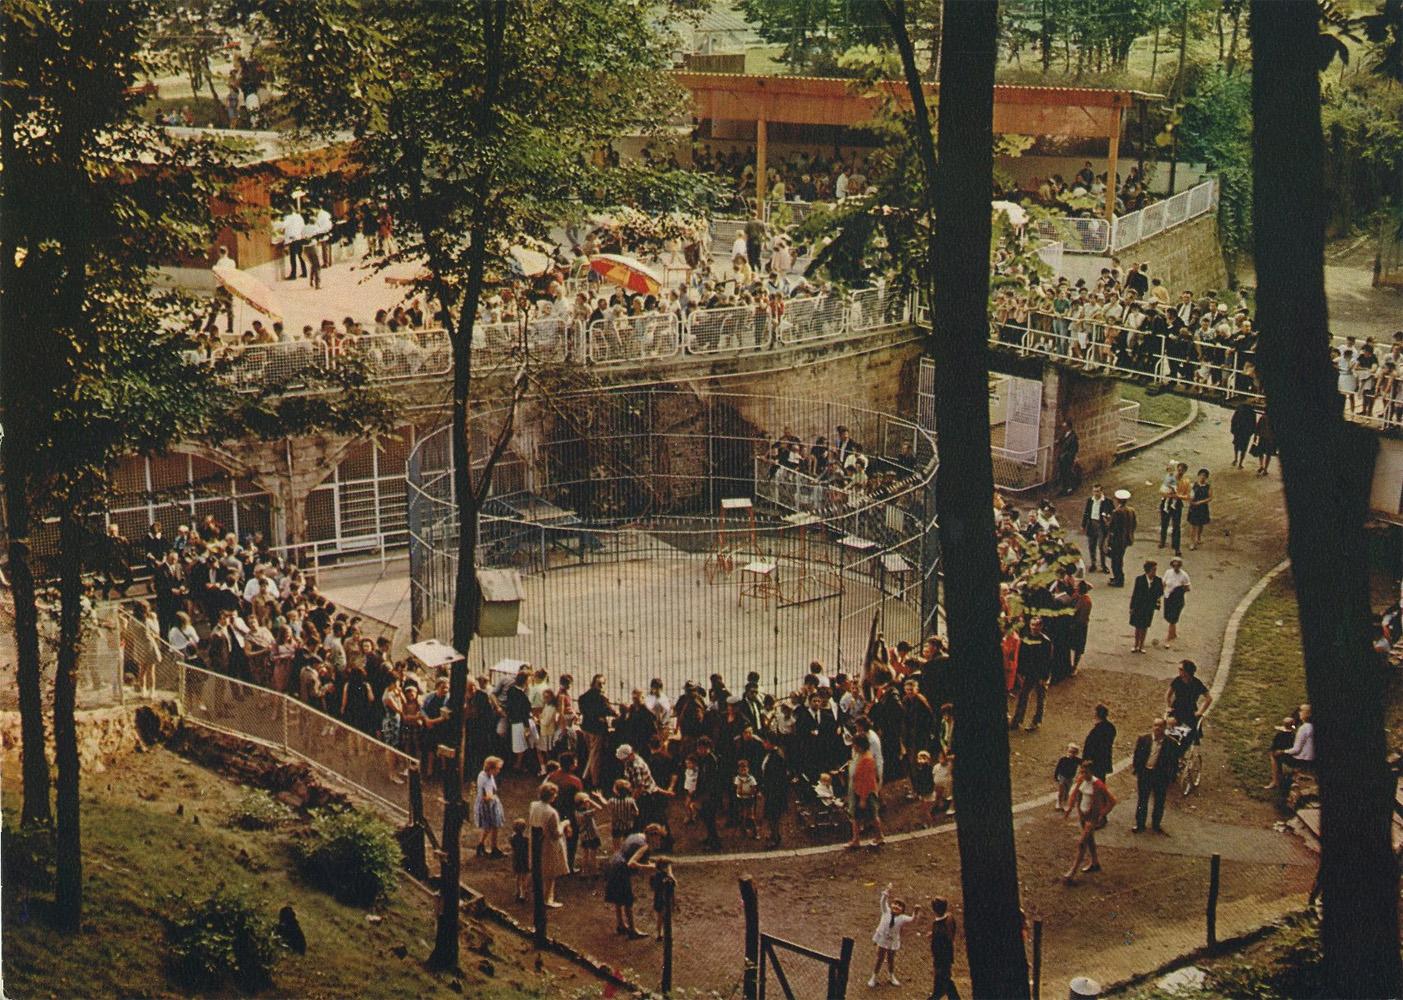 Les Zoos dans le Monde - Zoo de Vendeuil